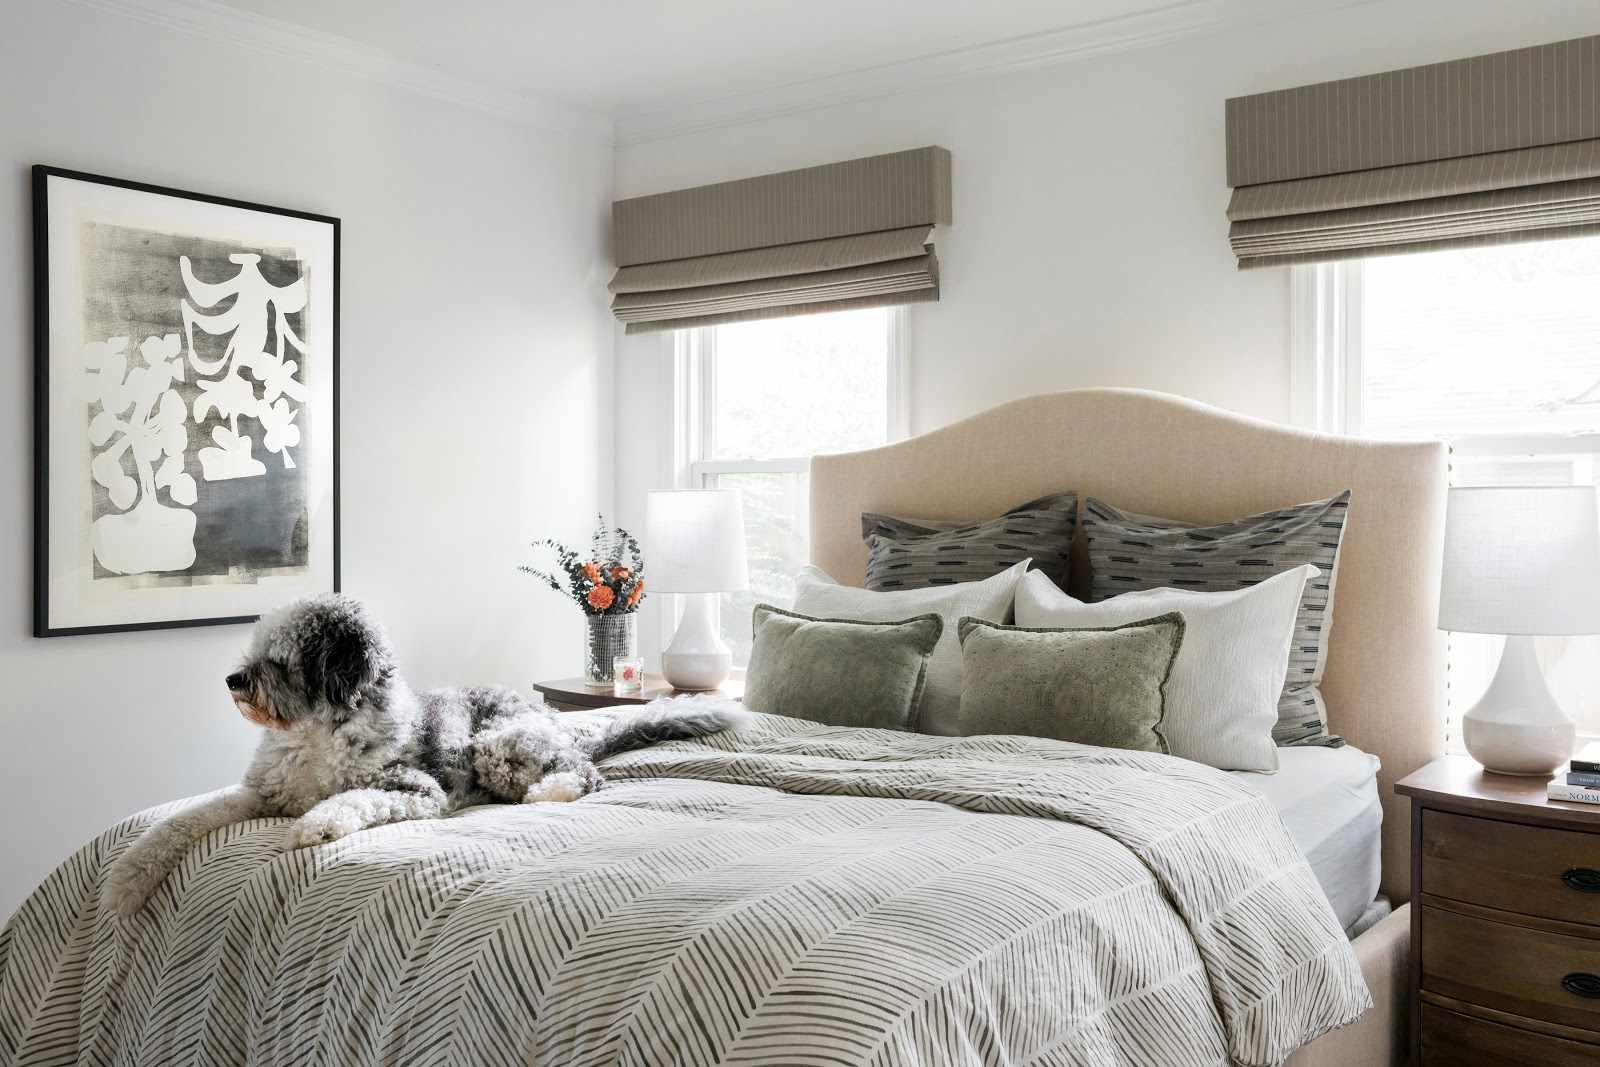 acogedor dormitorio con cama entre dos ventanas